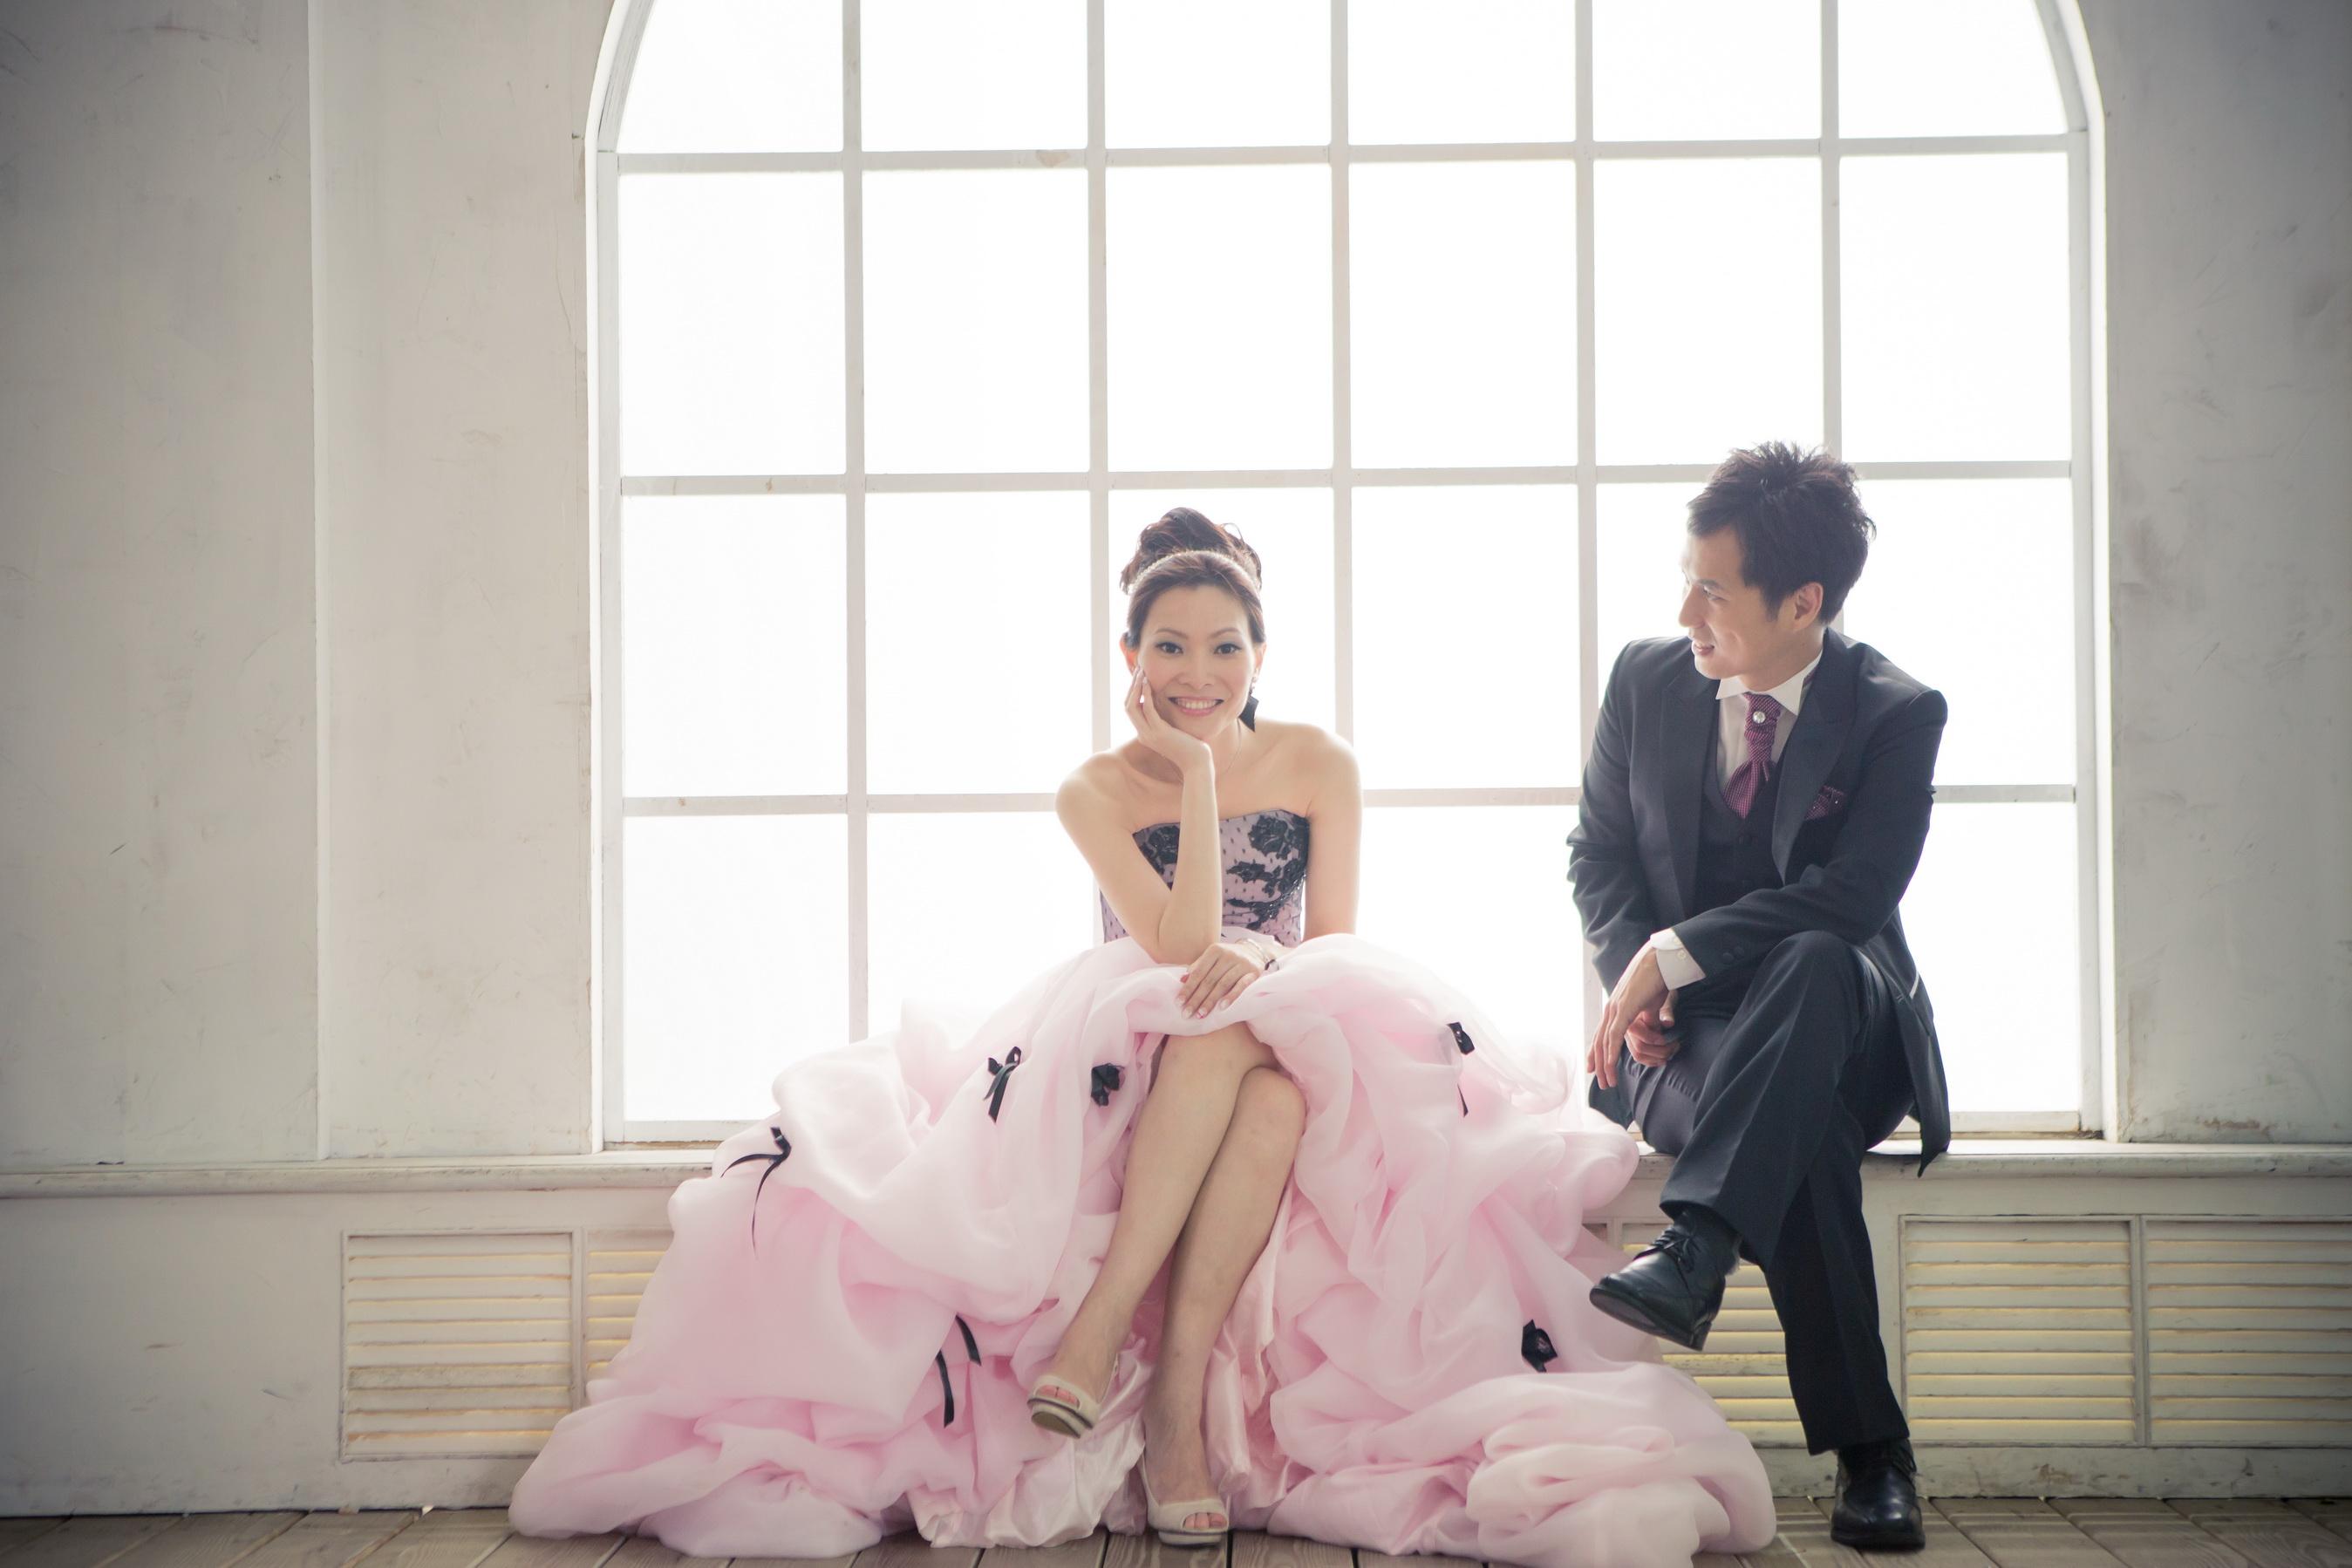 婚紗禮服,婚紗訂製,輕婚紗,婚紗,禮服推薦